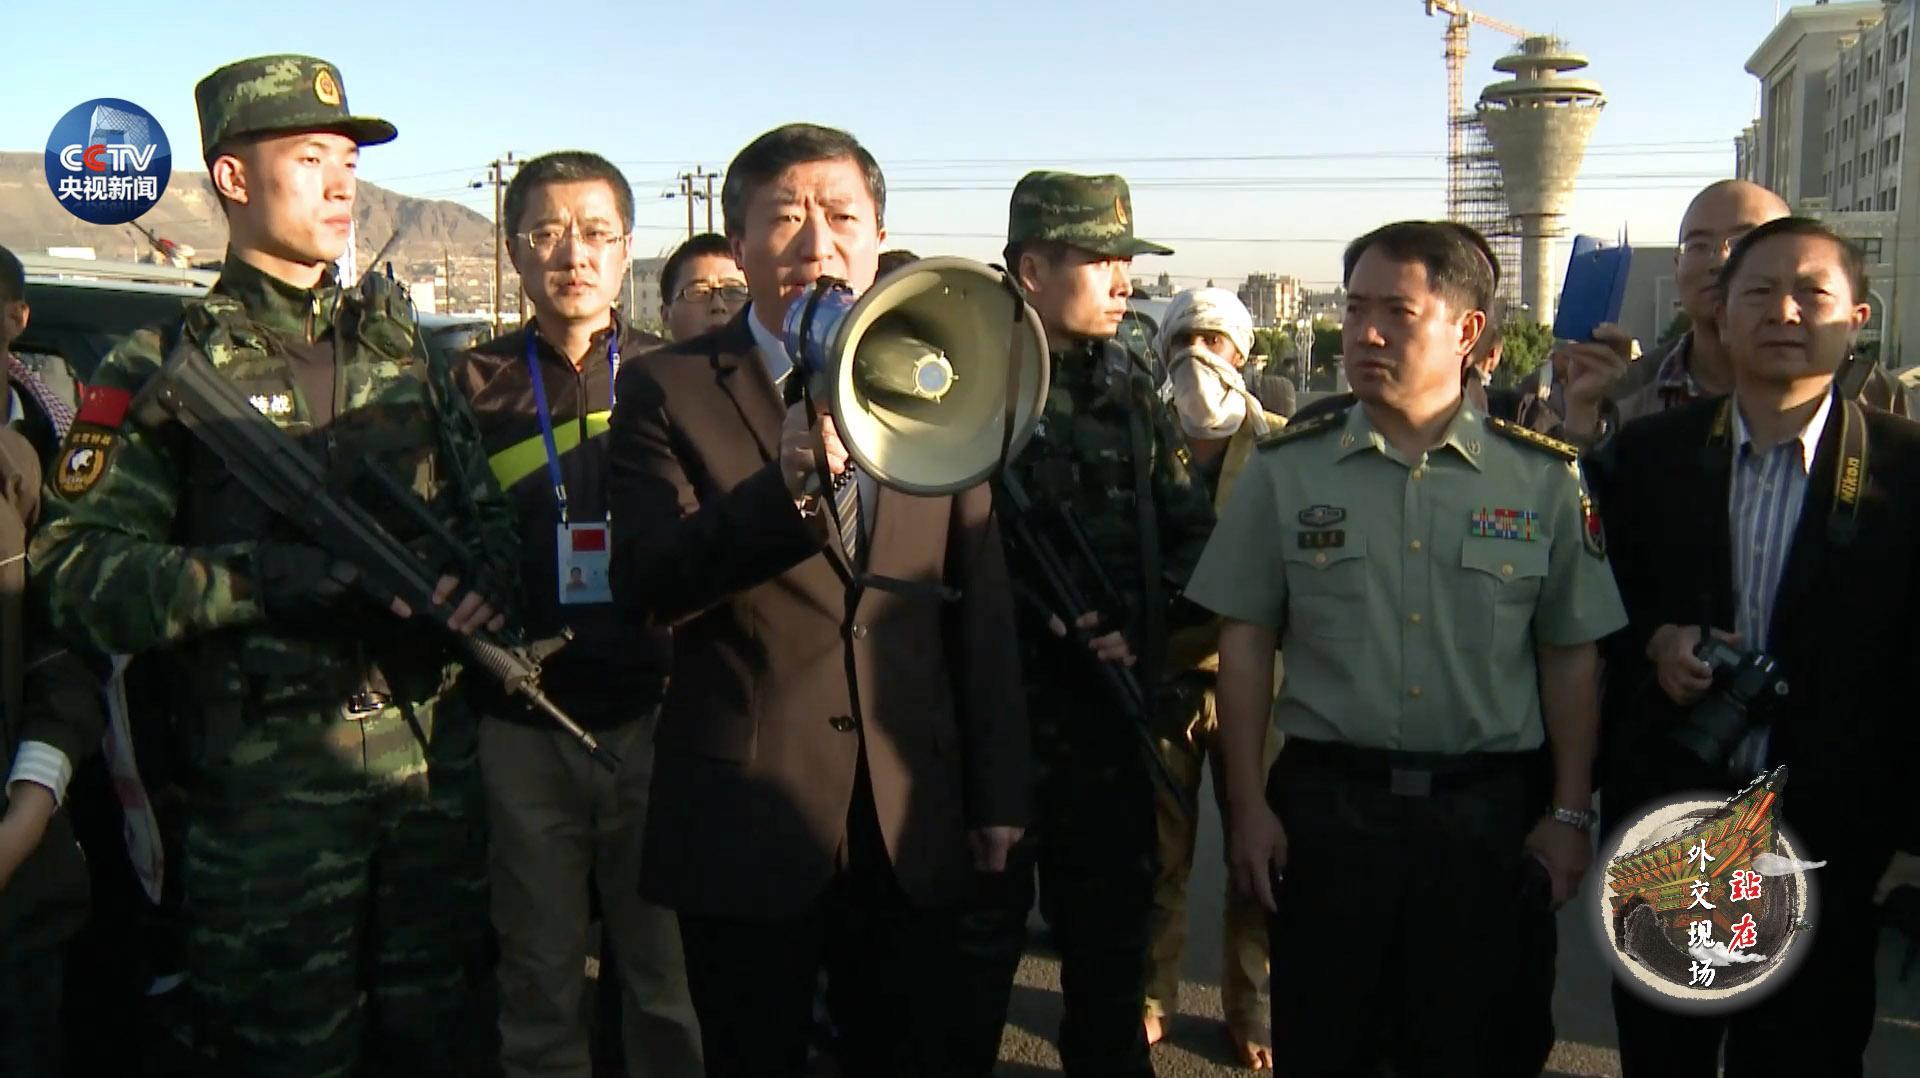 习近平一声令下 中国首次出动军舰撤侨